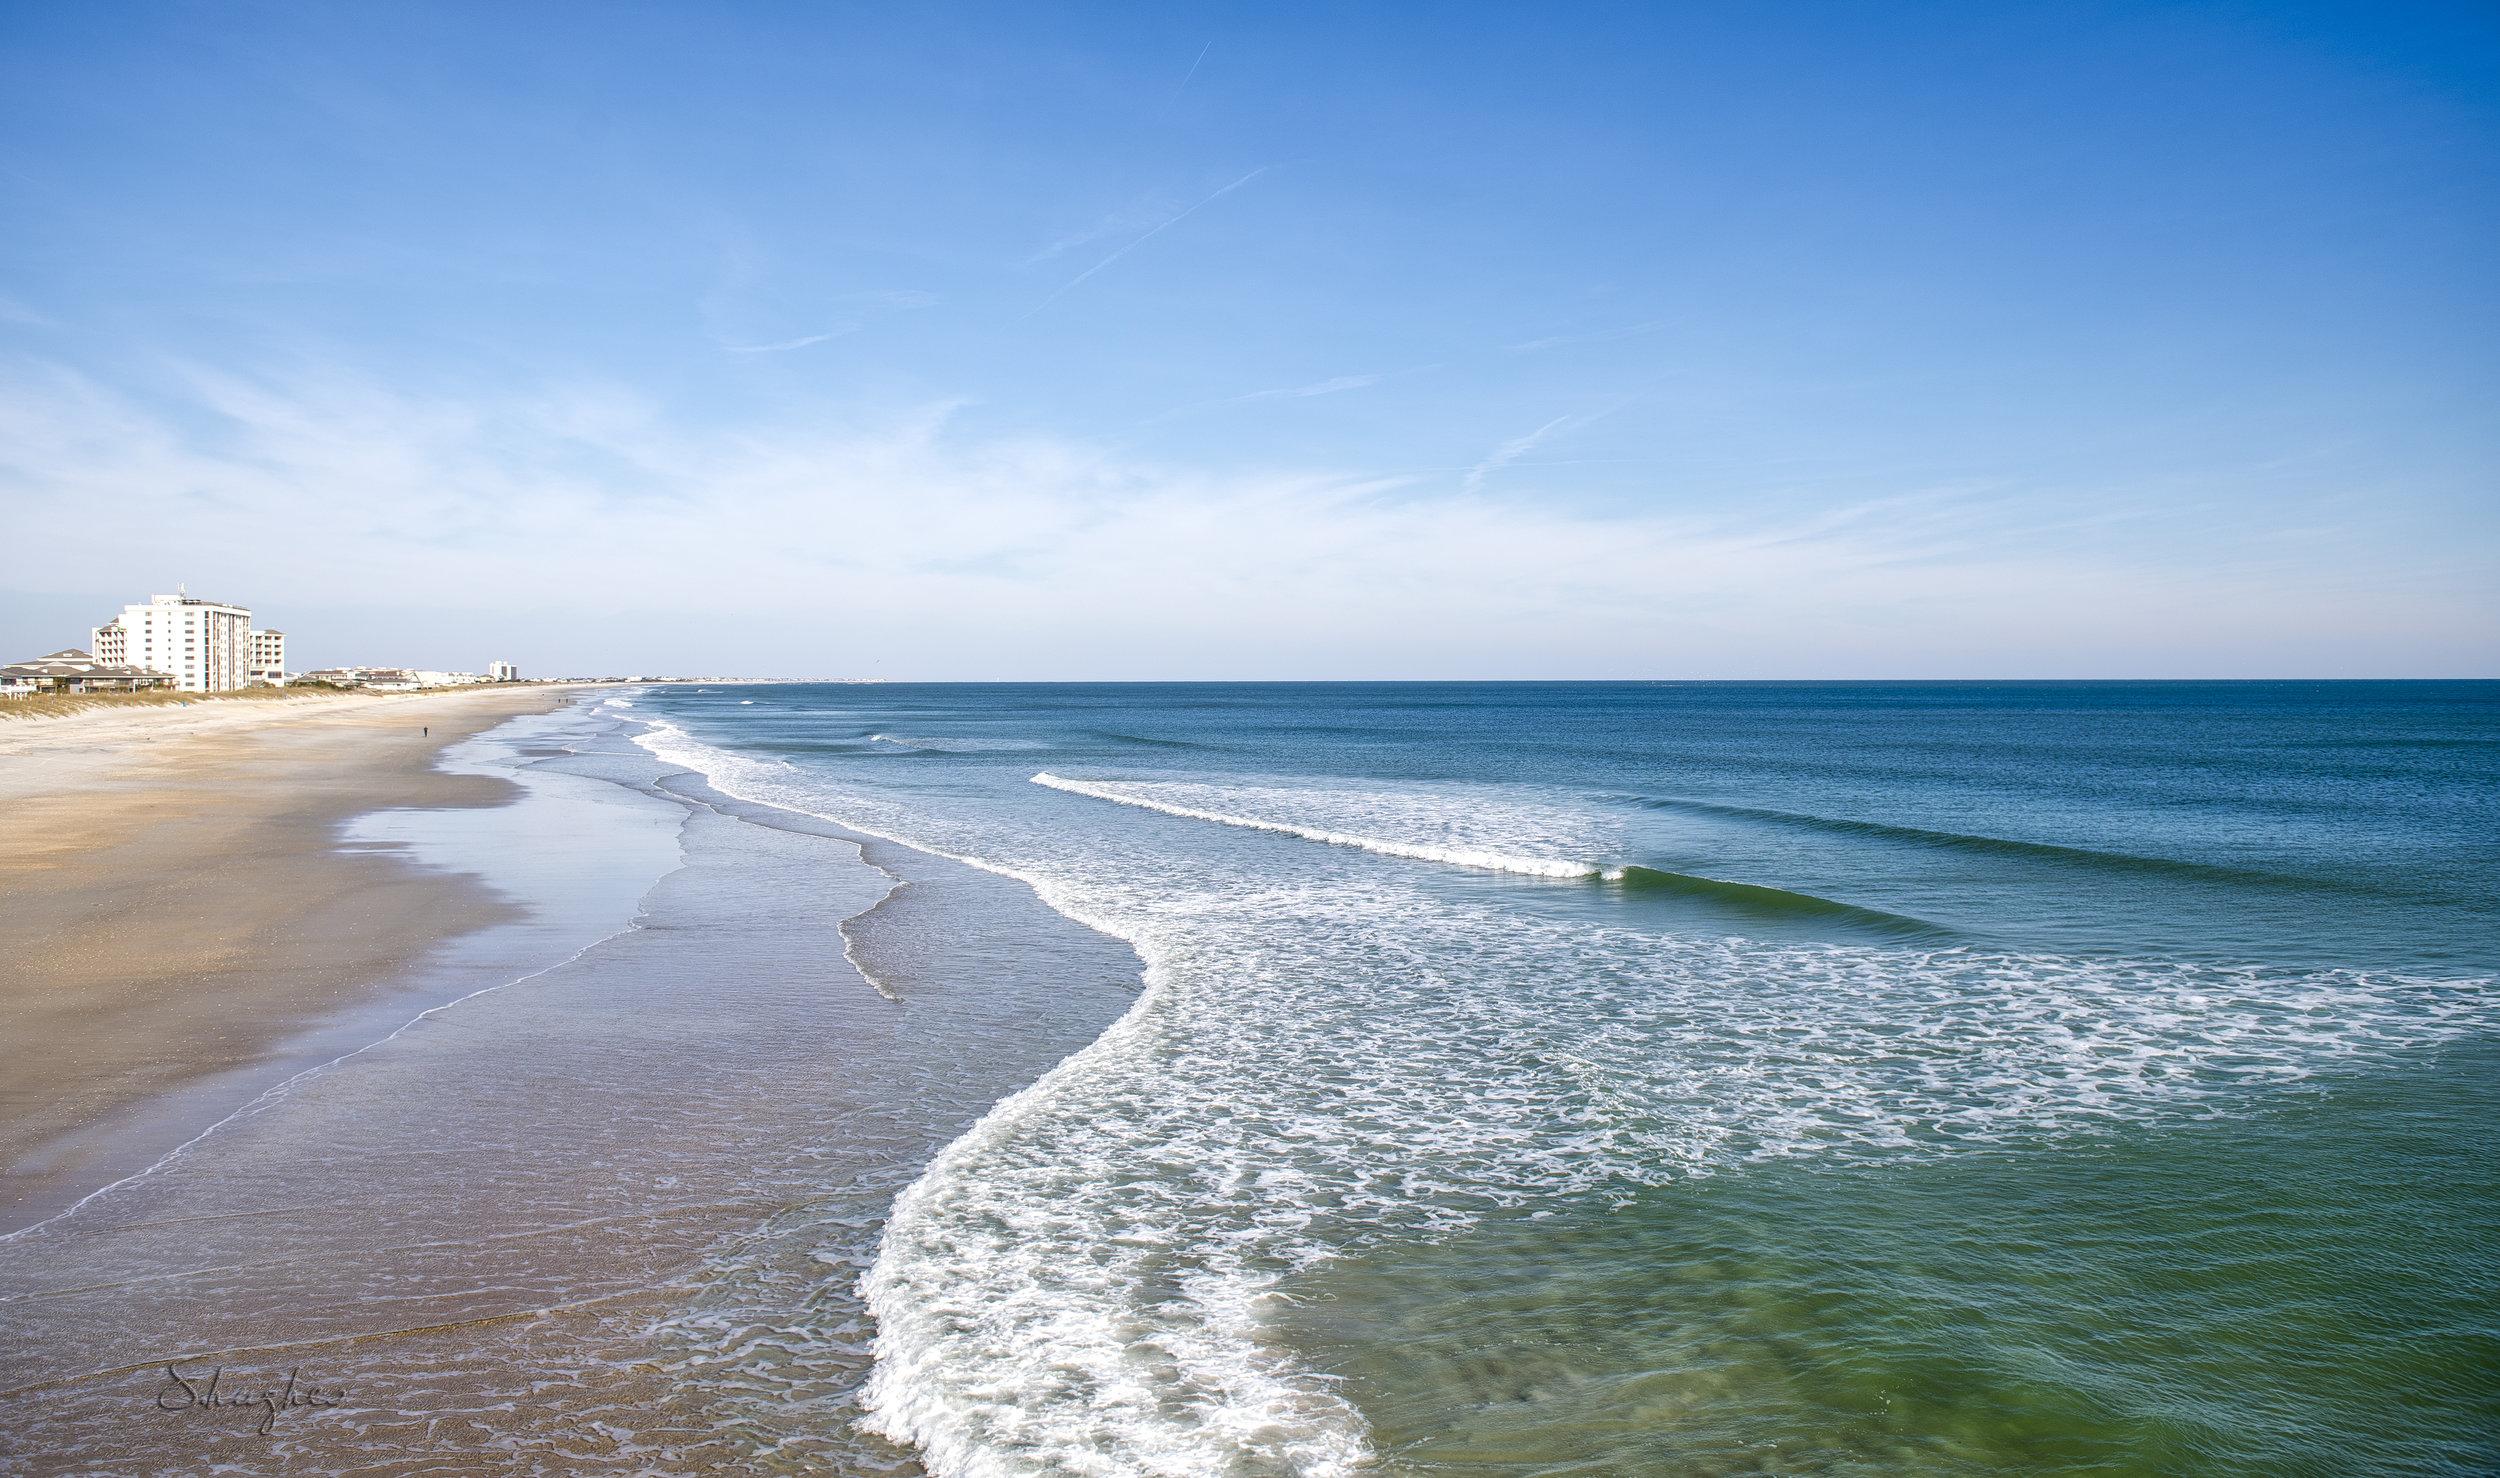 ILM_Winter_ONMercersPier_BeachNORTH_12152016.jpg